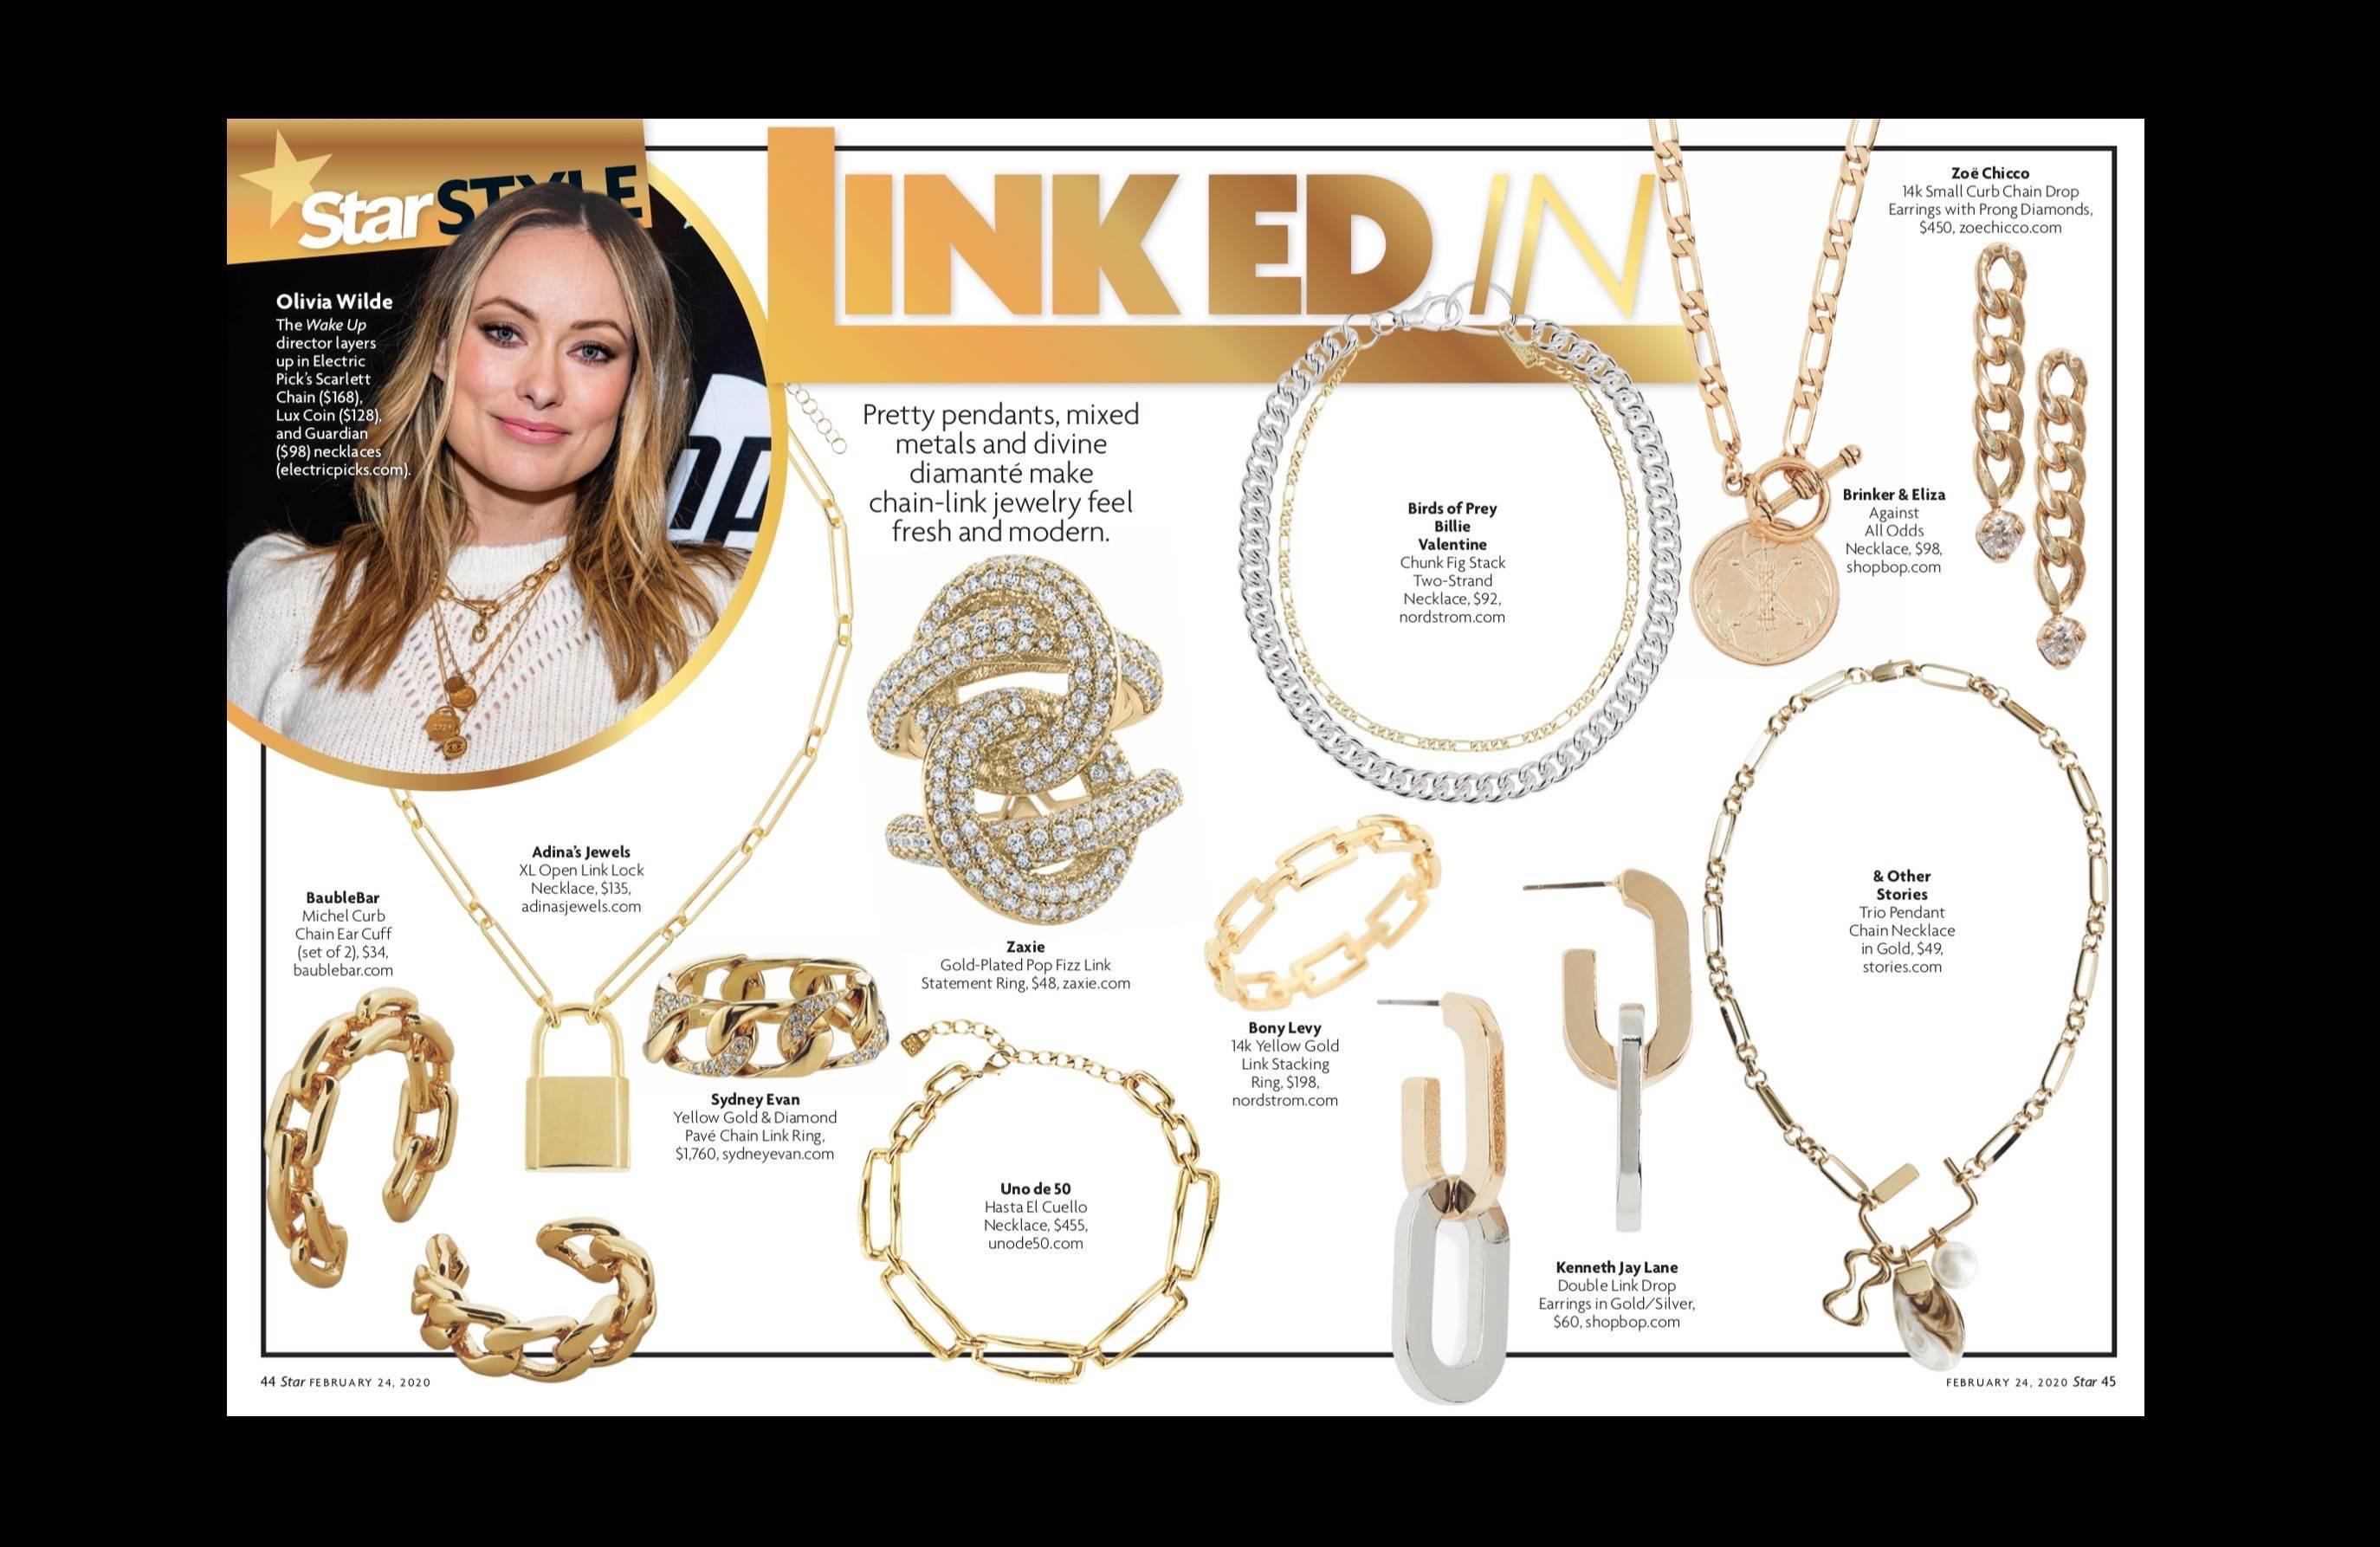 ZAXIE in Star Magazine